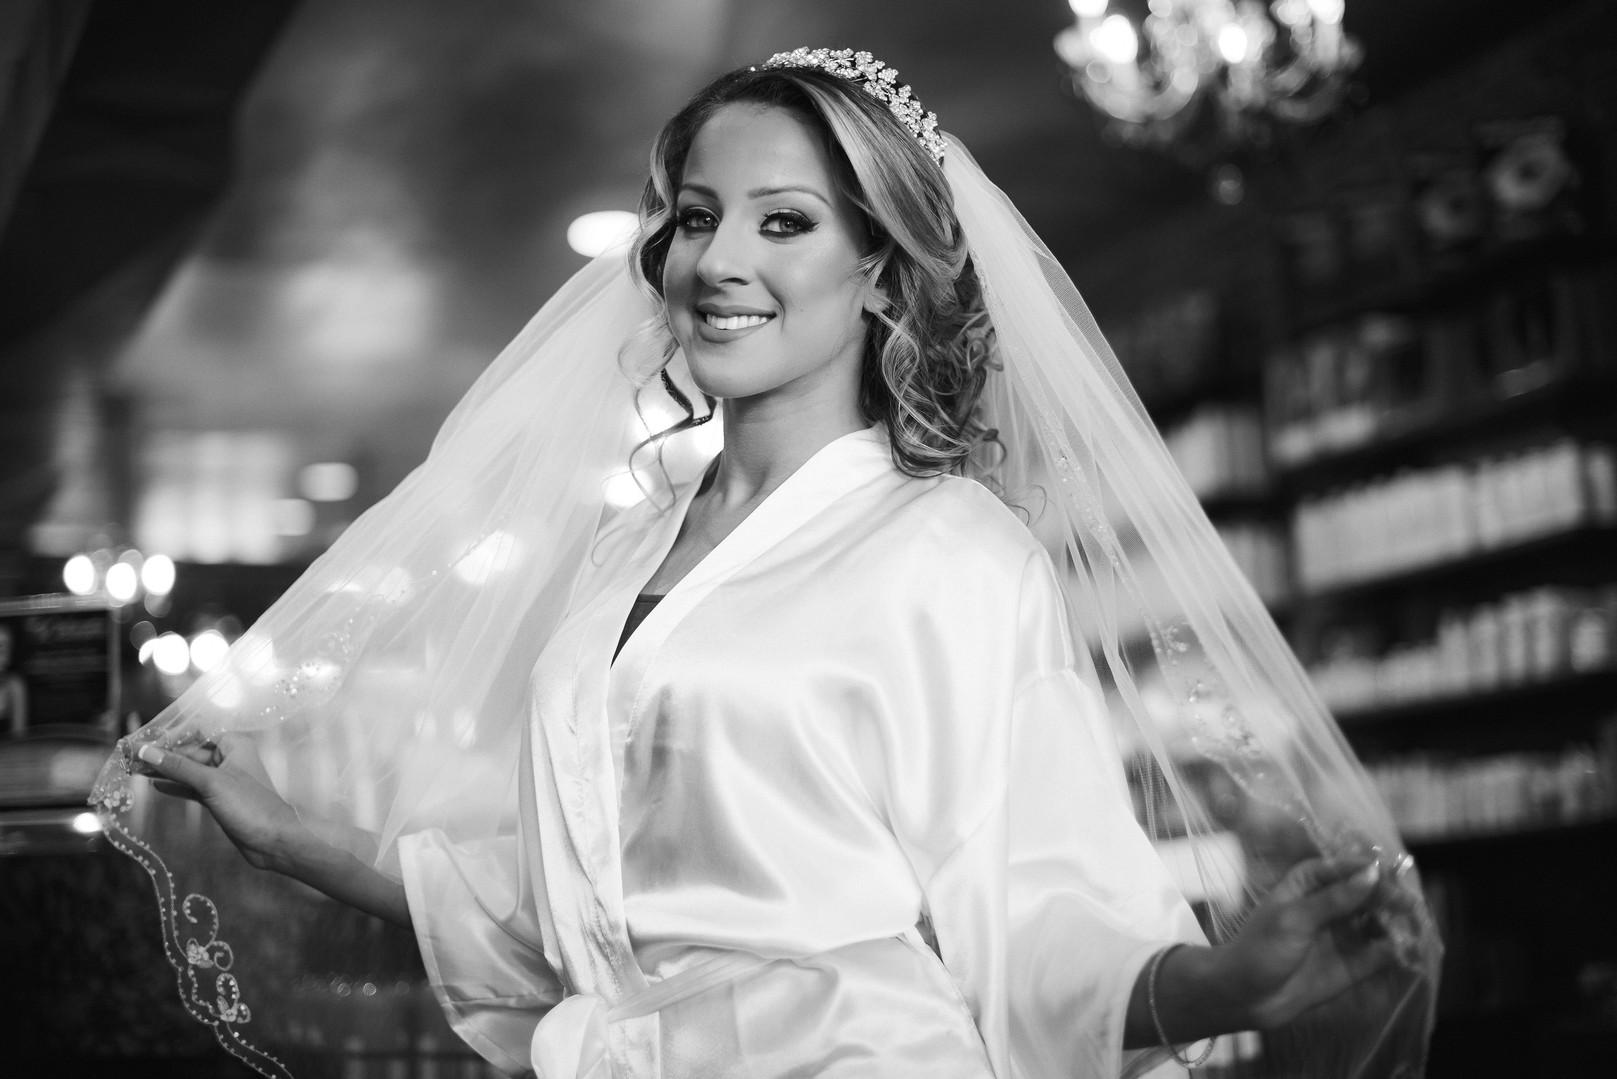 weddings-11-2.jpg